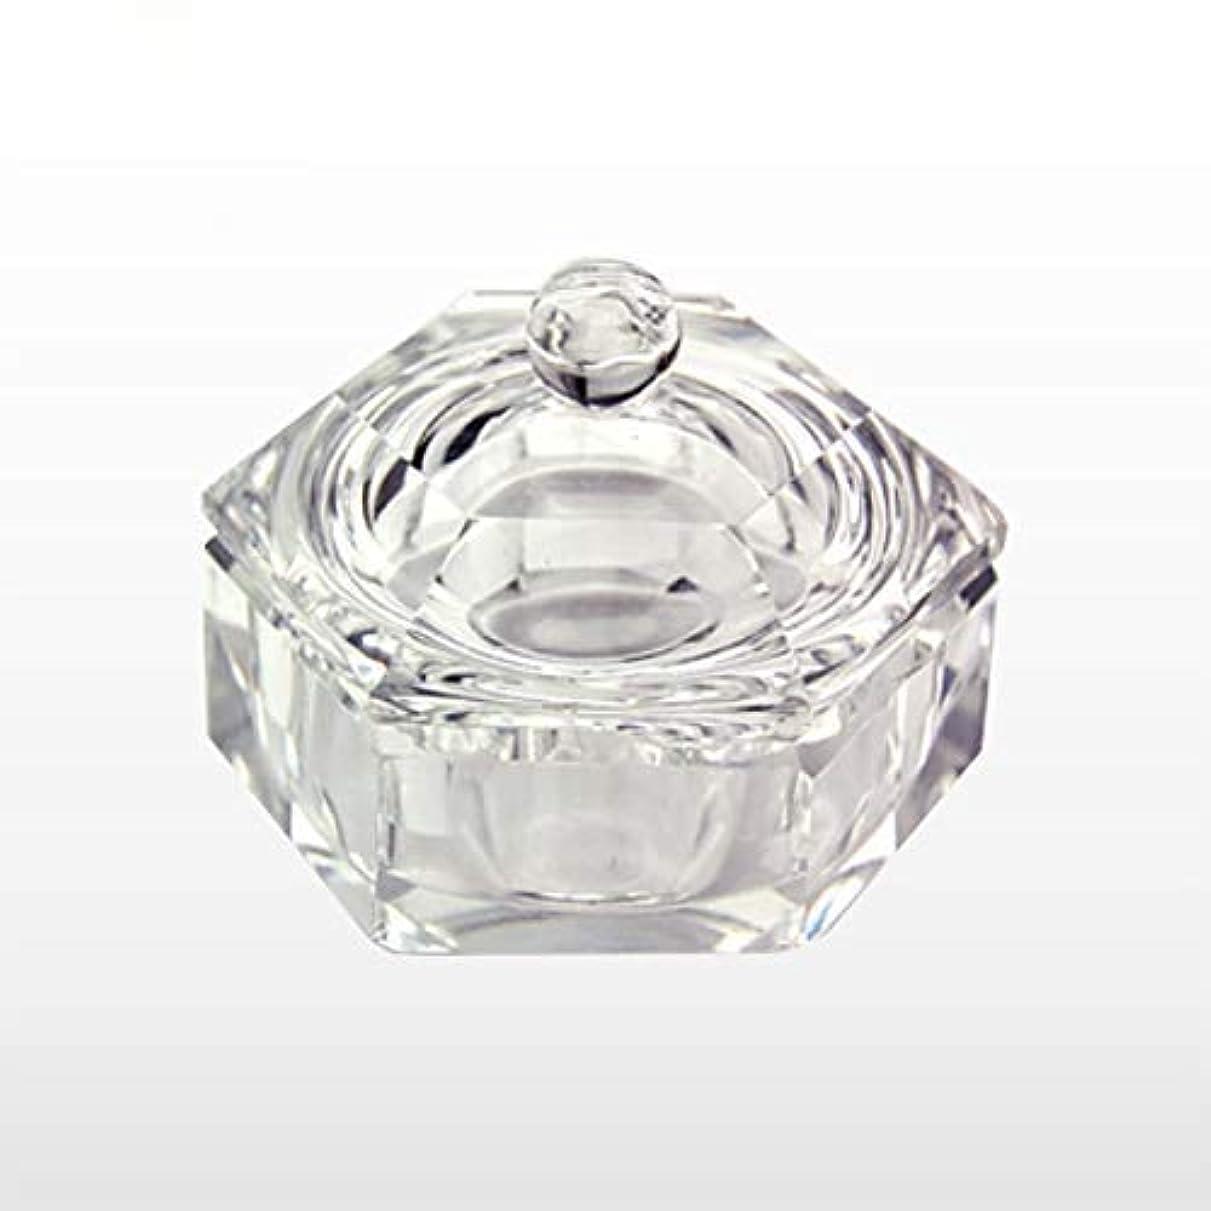 変動する三番早熟ダッペンディッシュ フタ付き六角Sサイズガラス製